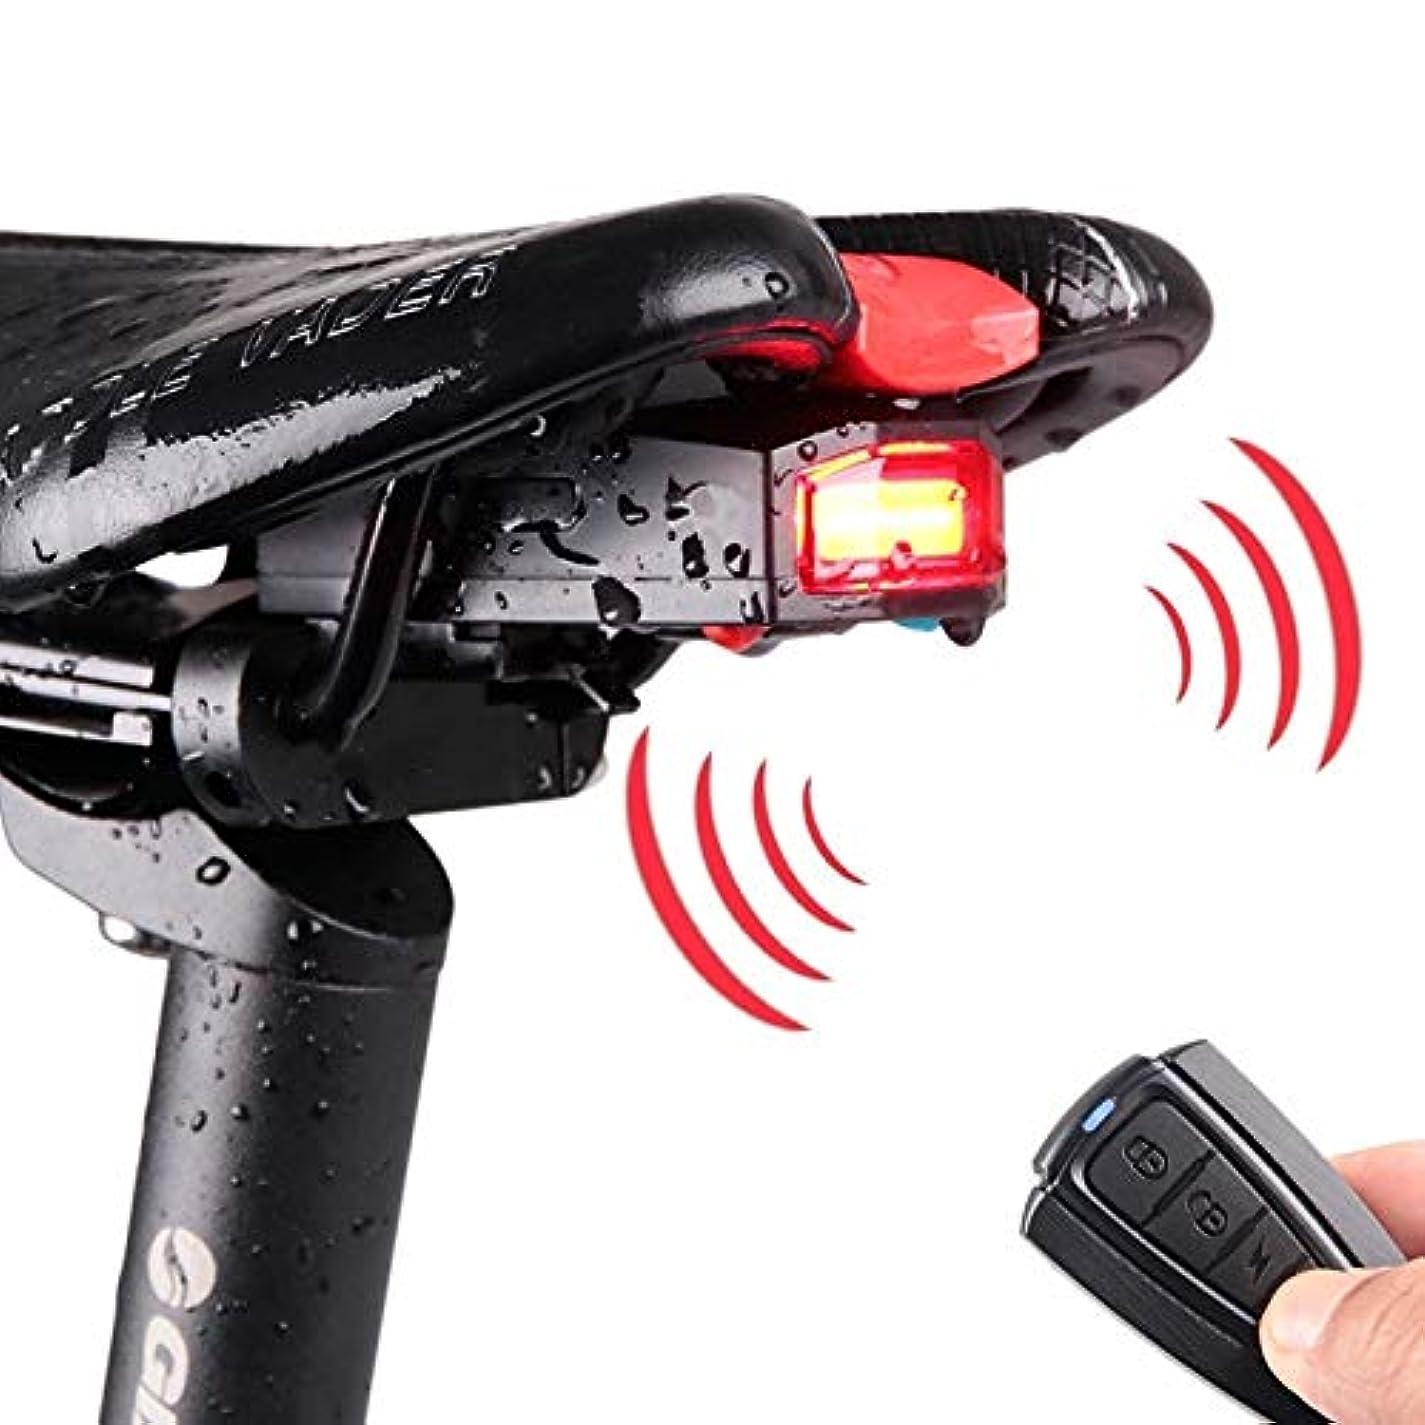 彫刻液化するレーニン主義テールライト IP65防水USBリモコン付き充電式スマートCOB LEDアラーム自転車リアライトテールランプ、コントロール距離:1?100メートル.